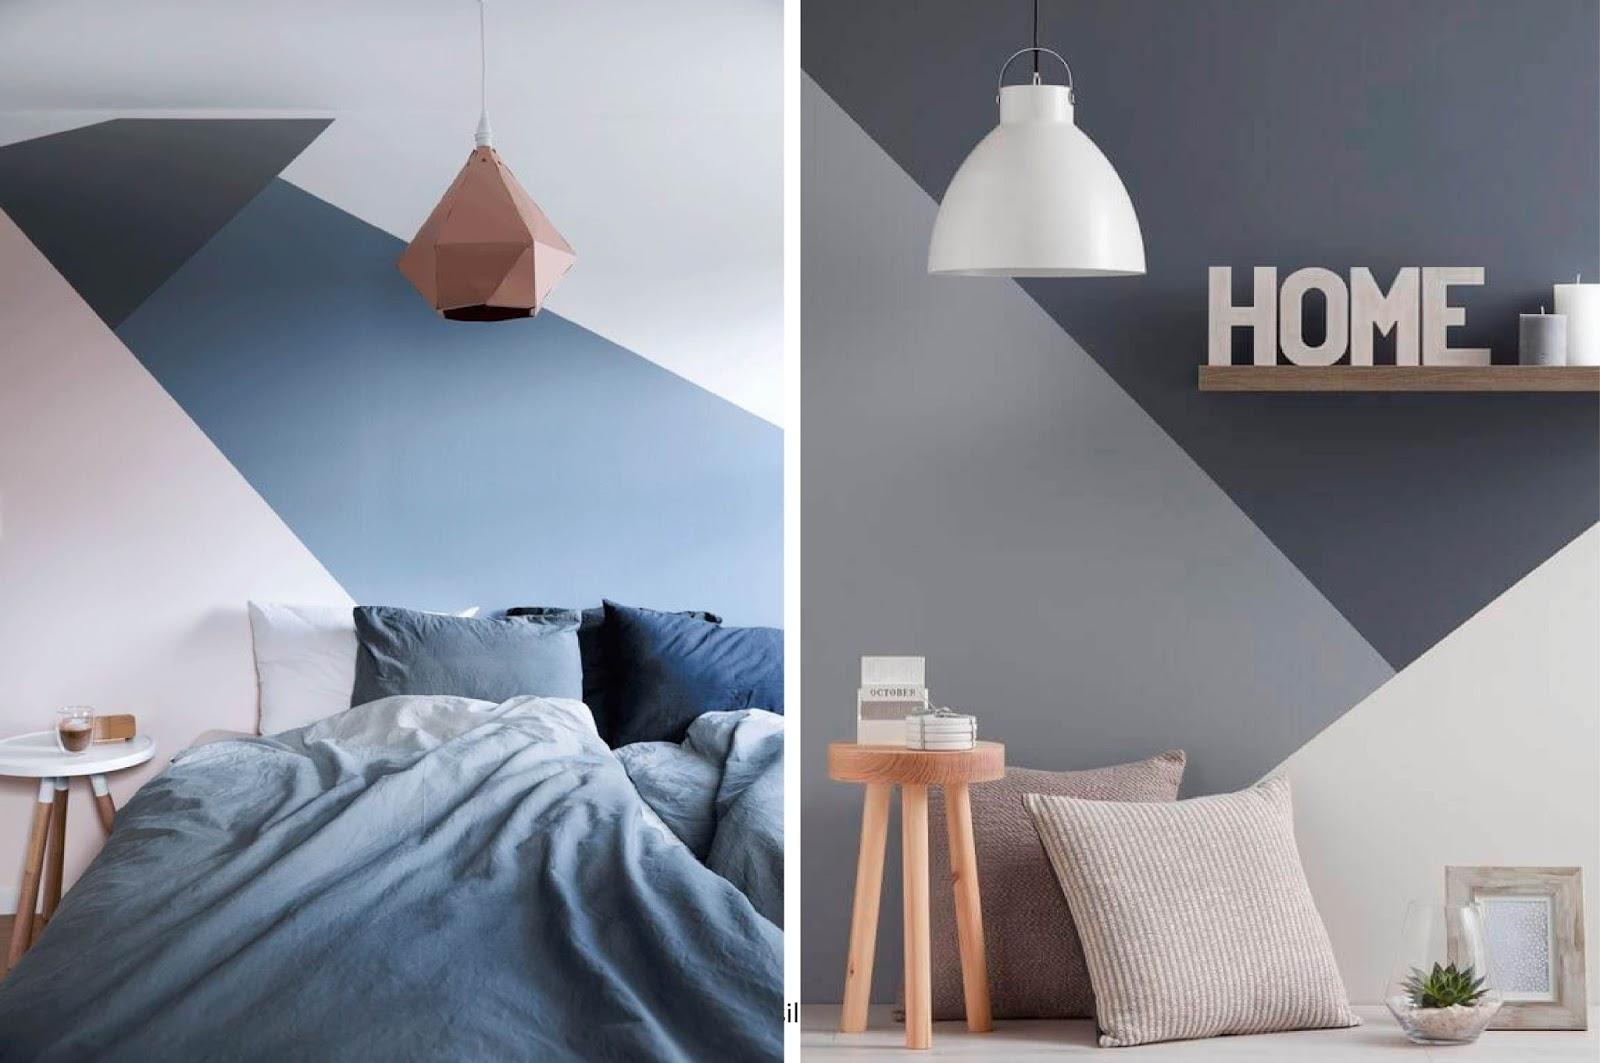 Homify image dise os para pintar paredes con cinta - Disenos para pintar paredes ...